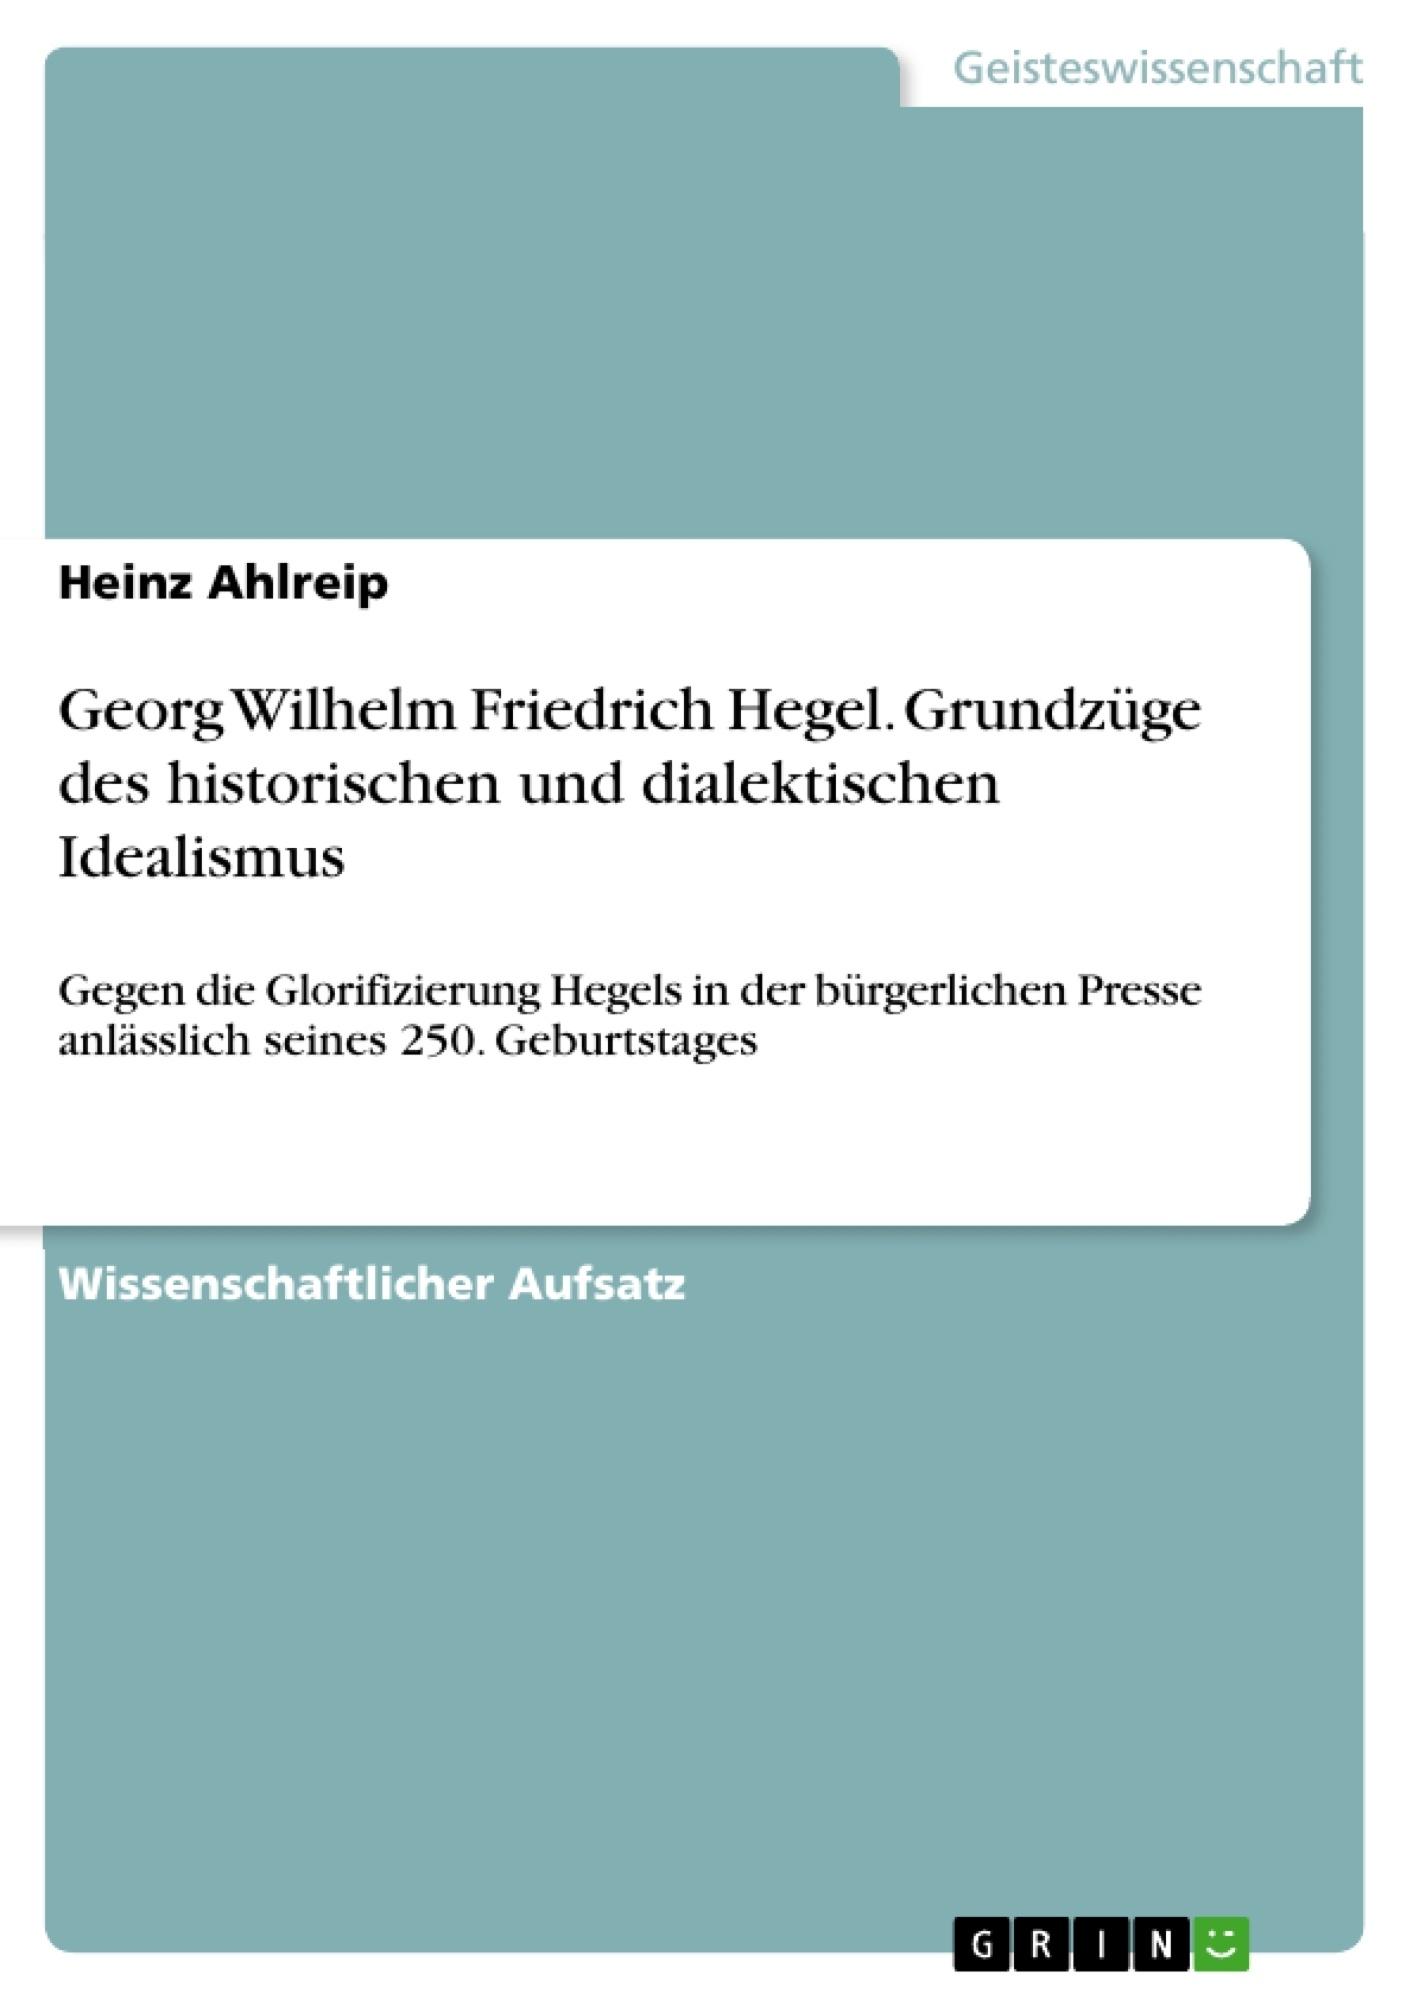 Titel: Georg Wilhelm Friedrich Hegel. Grundzüge des historischen und dialektischen Idealismus